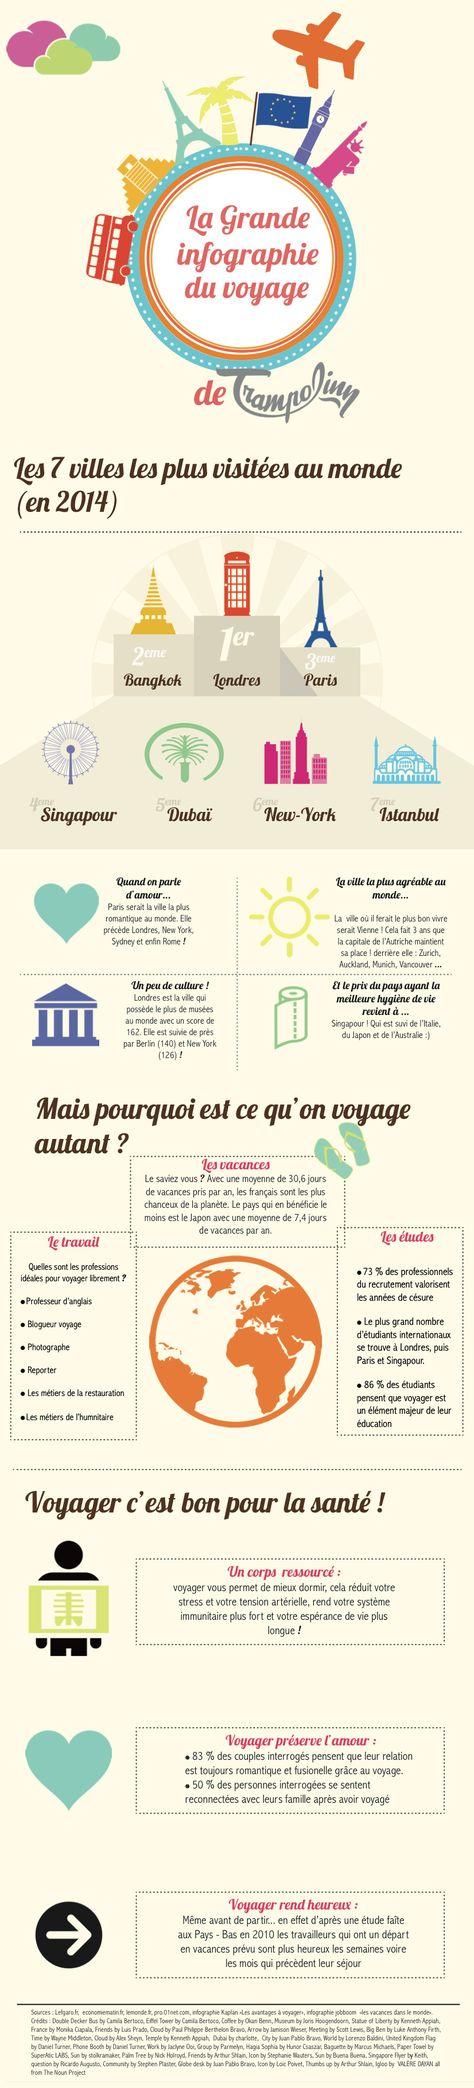 Infographie du Voyage Trampolinn